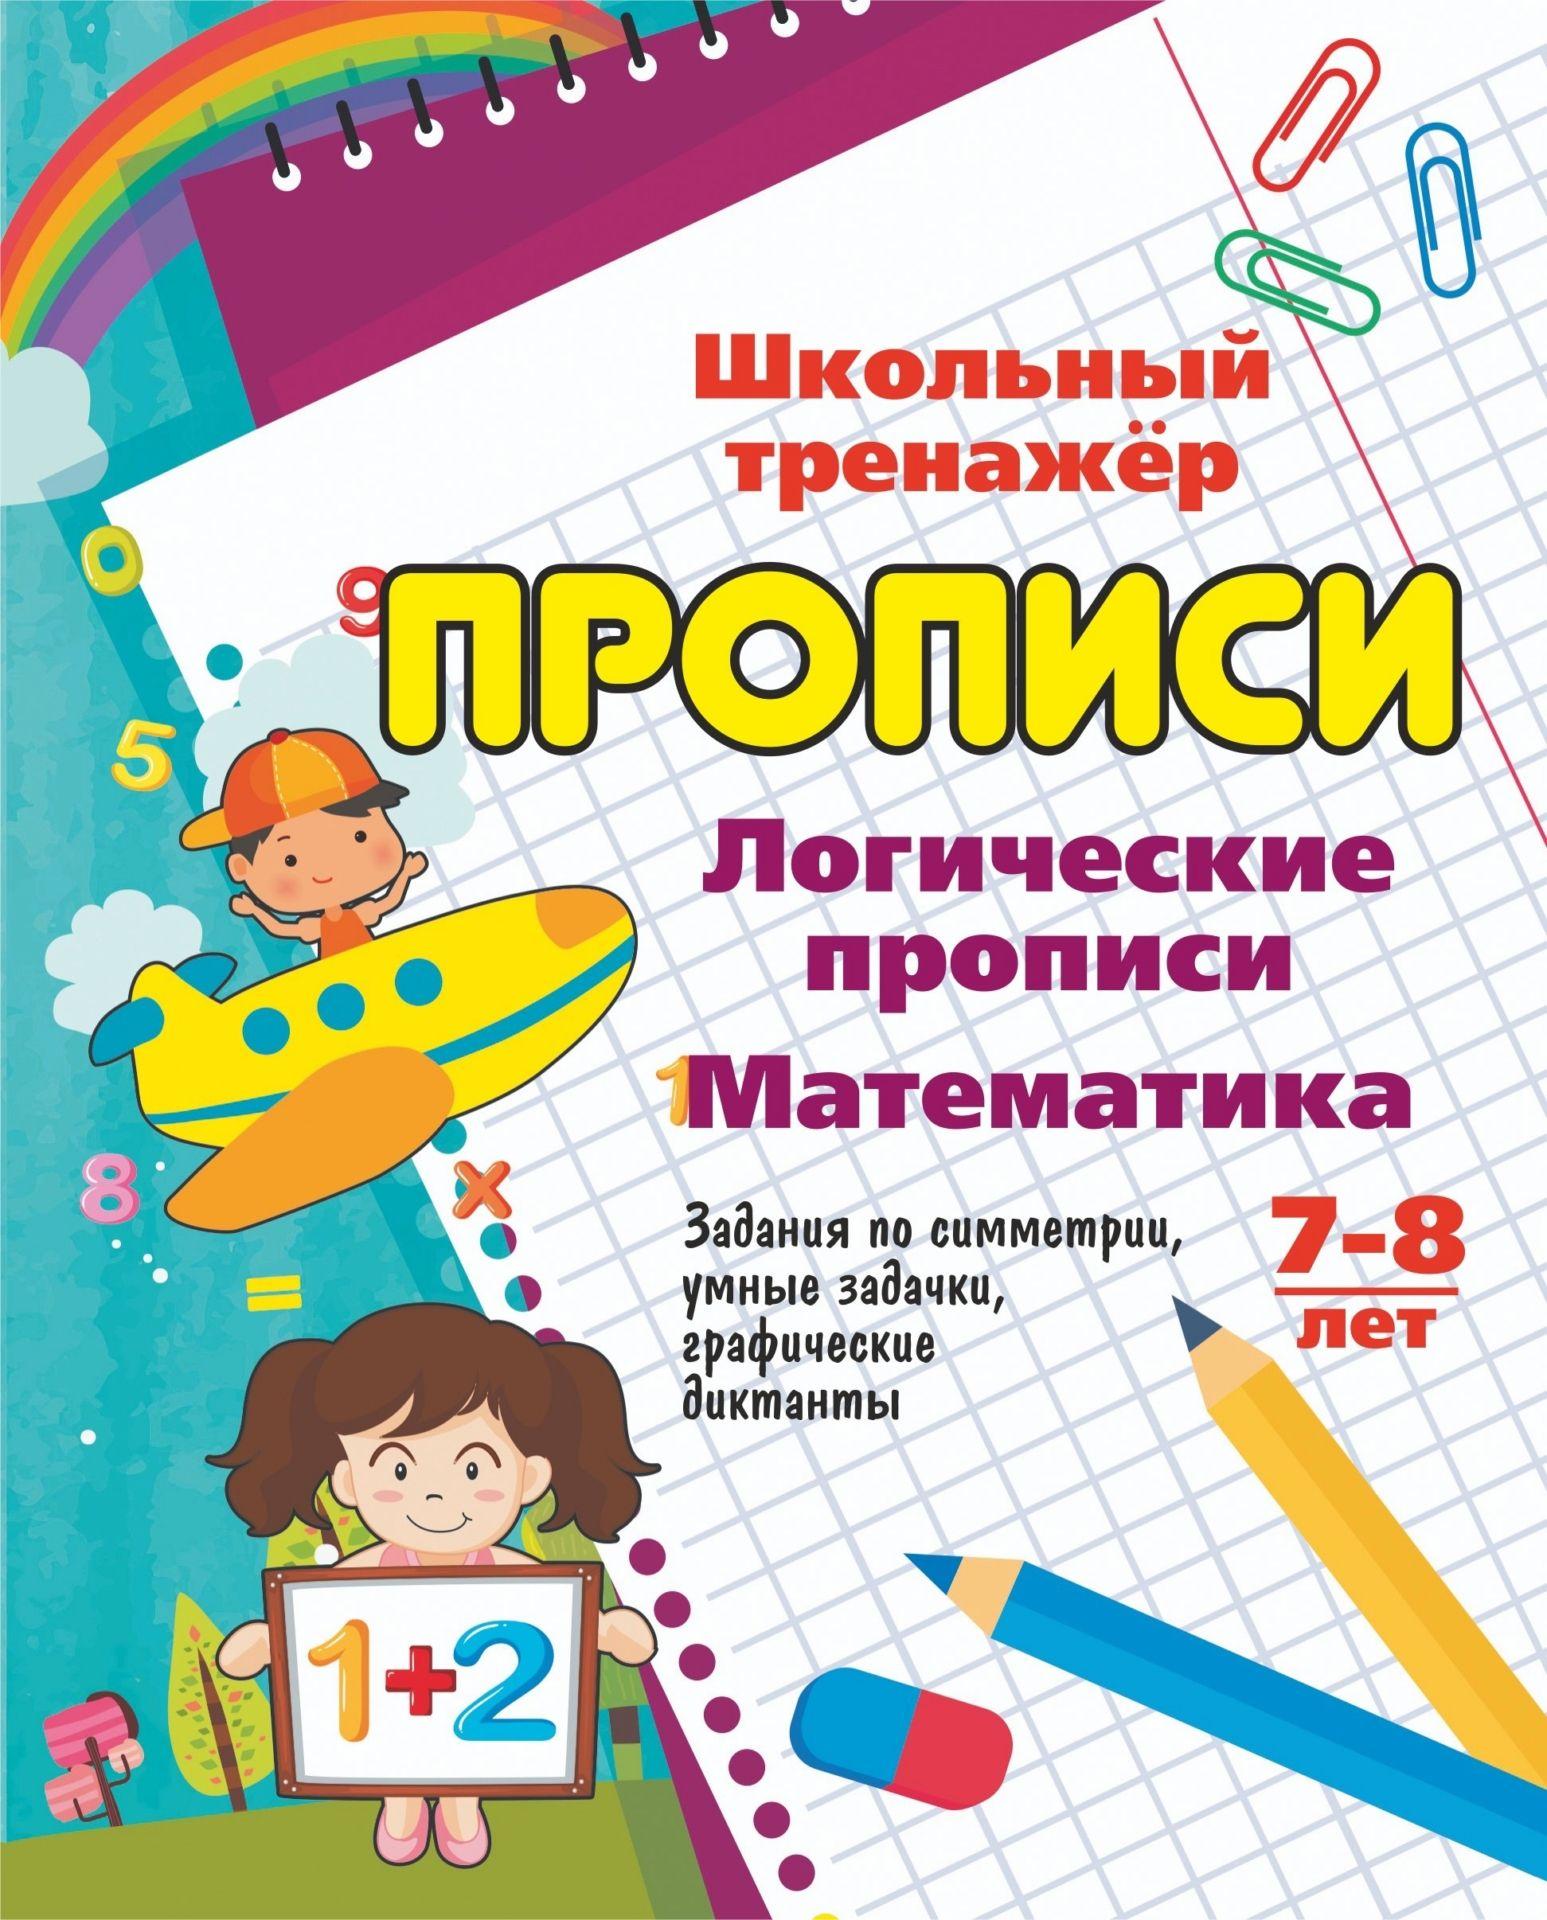 Логические прописи. Математика. 7-8 лет. (1-2 классы): Задания по симметрии, умные задачки, графические диктанты